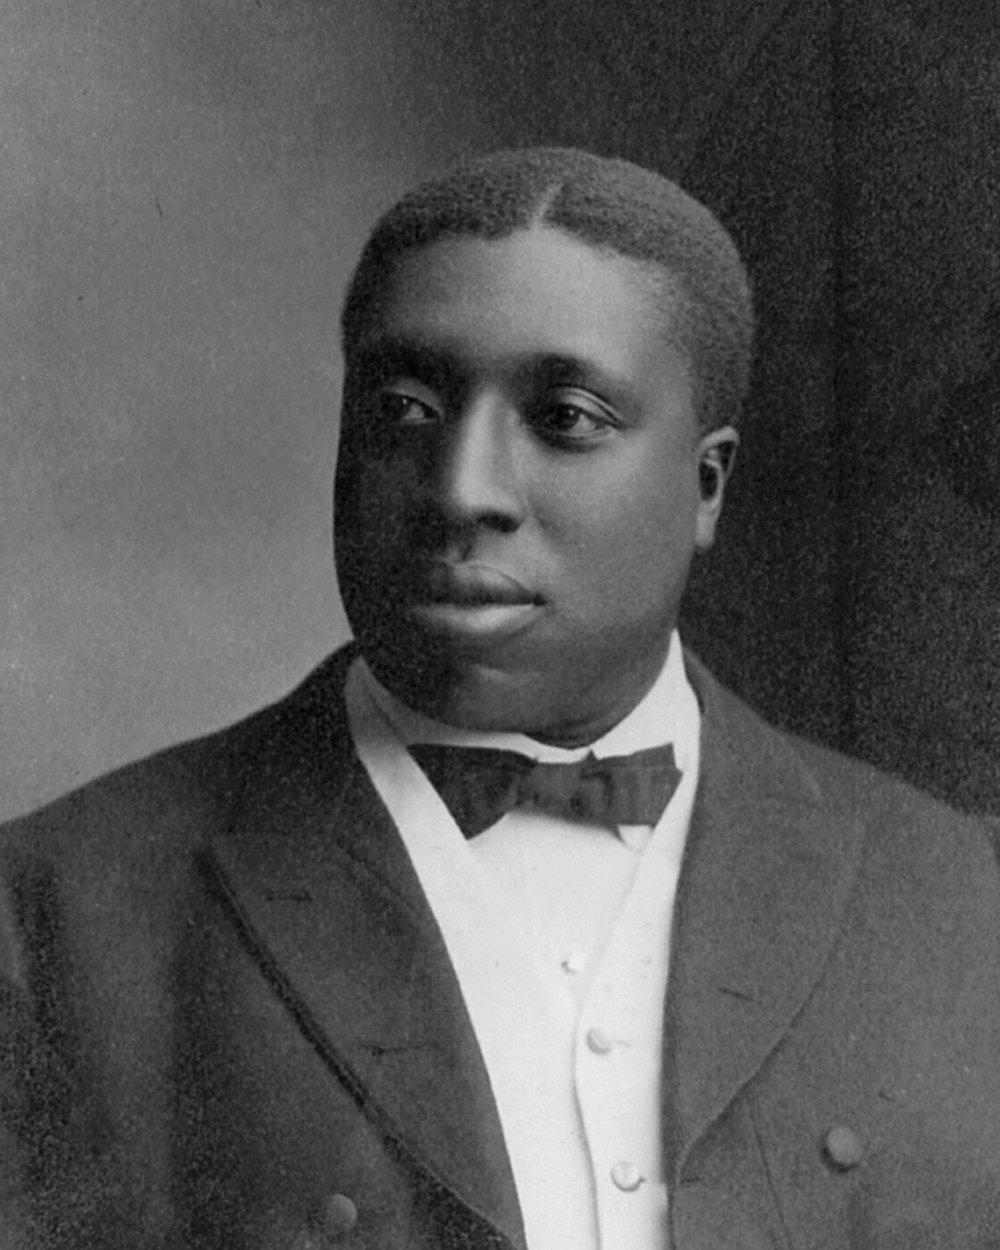 Bishop William T. Vernon